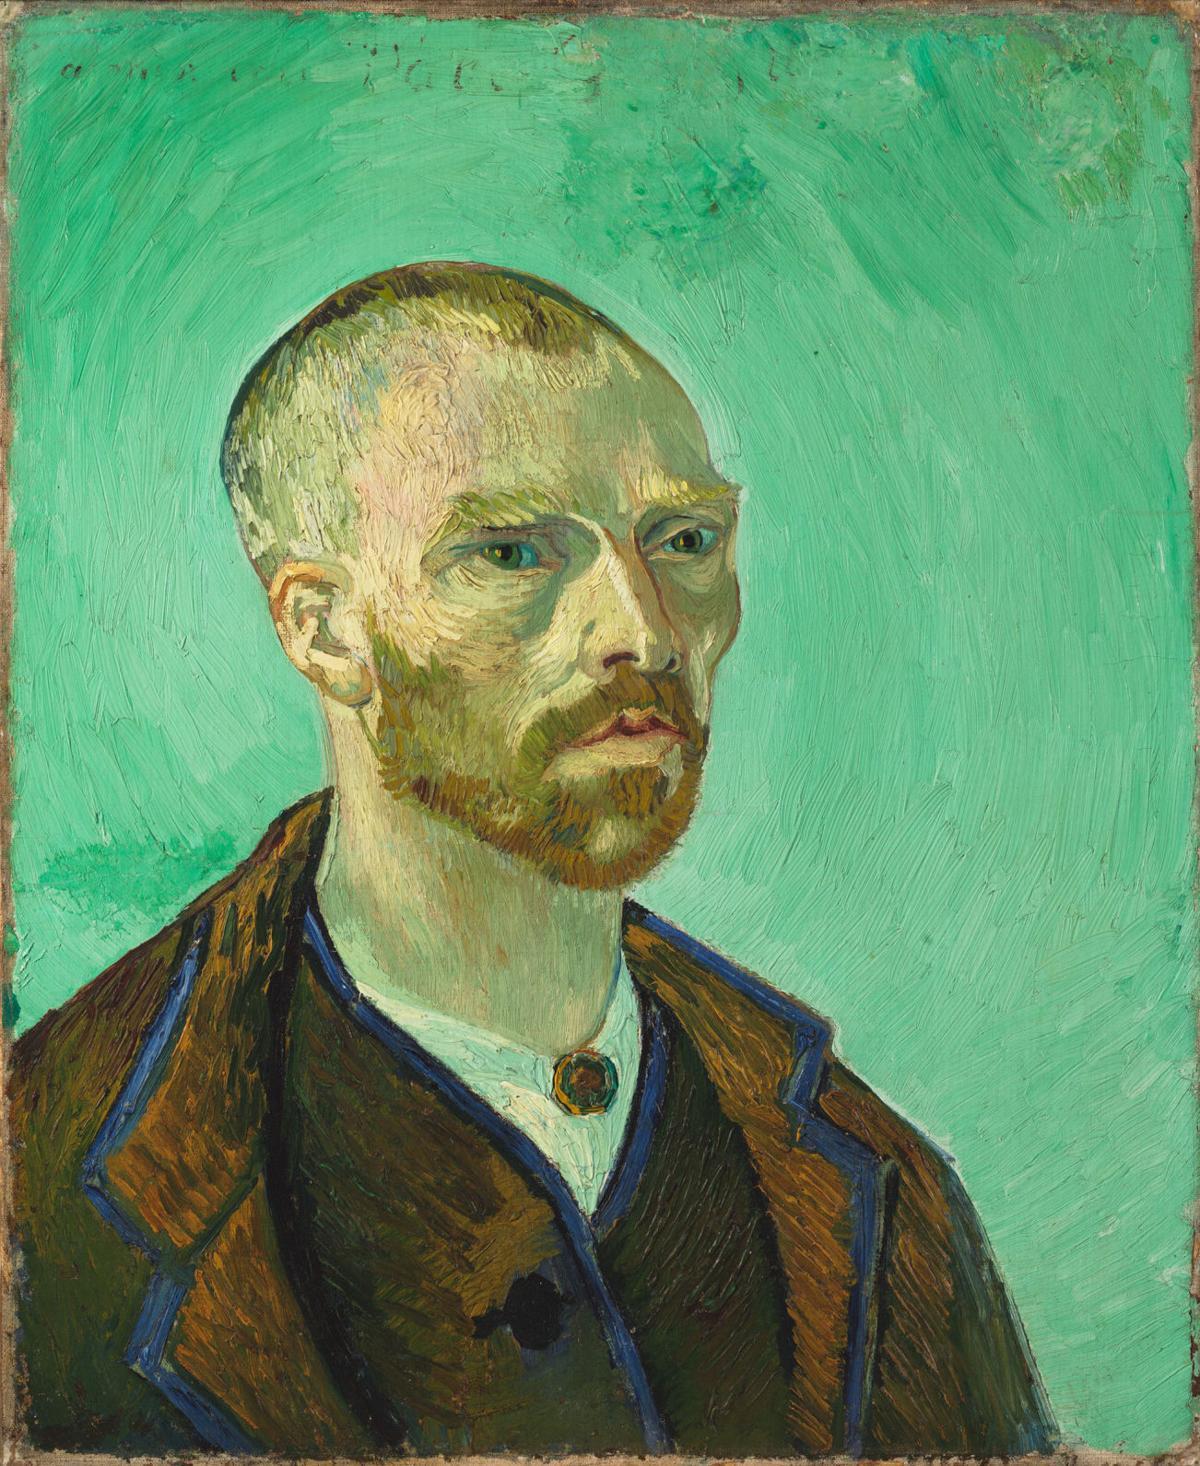 Understanding van Gogh